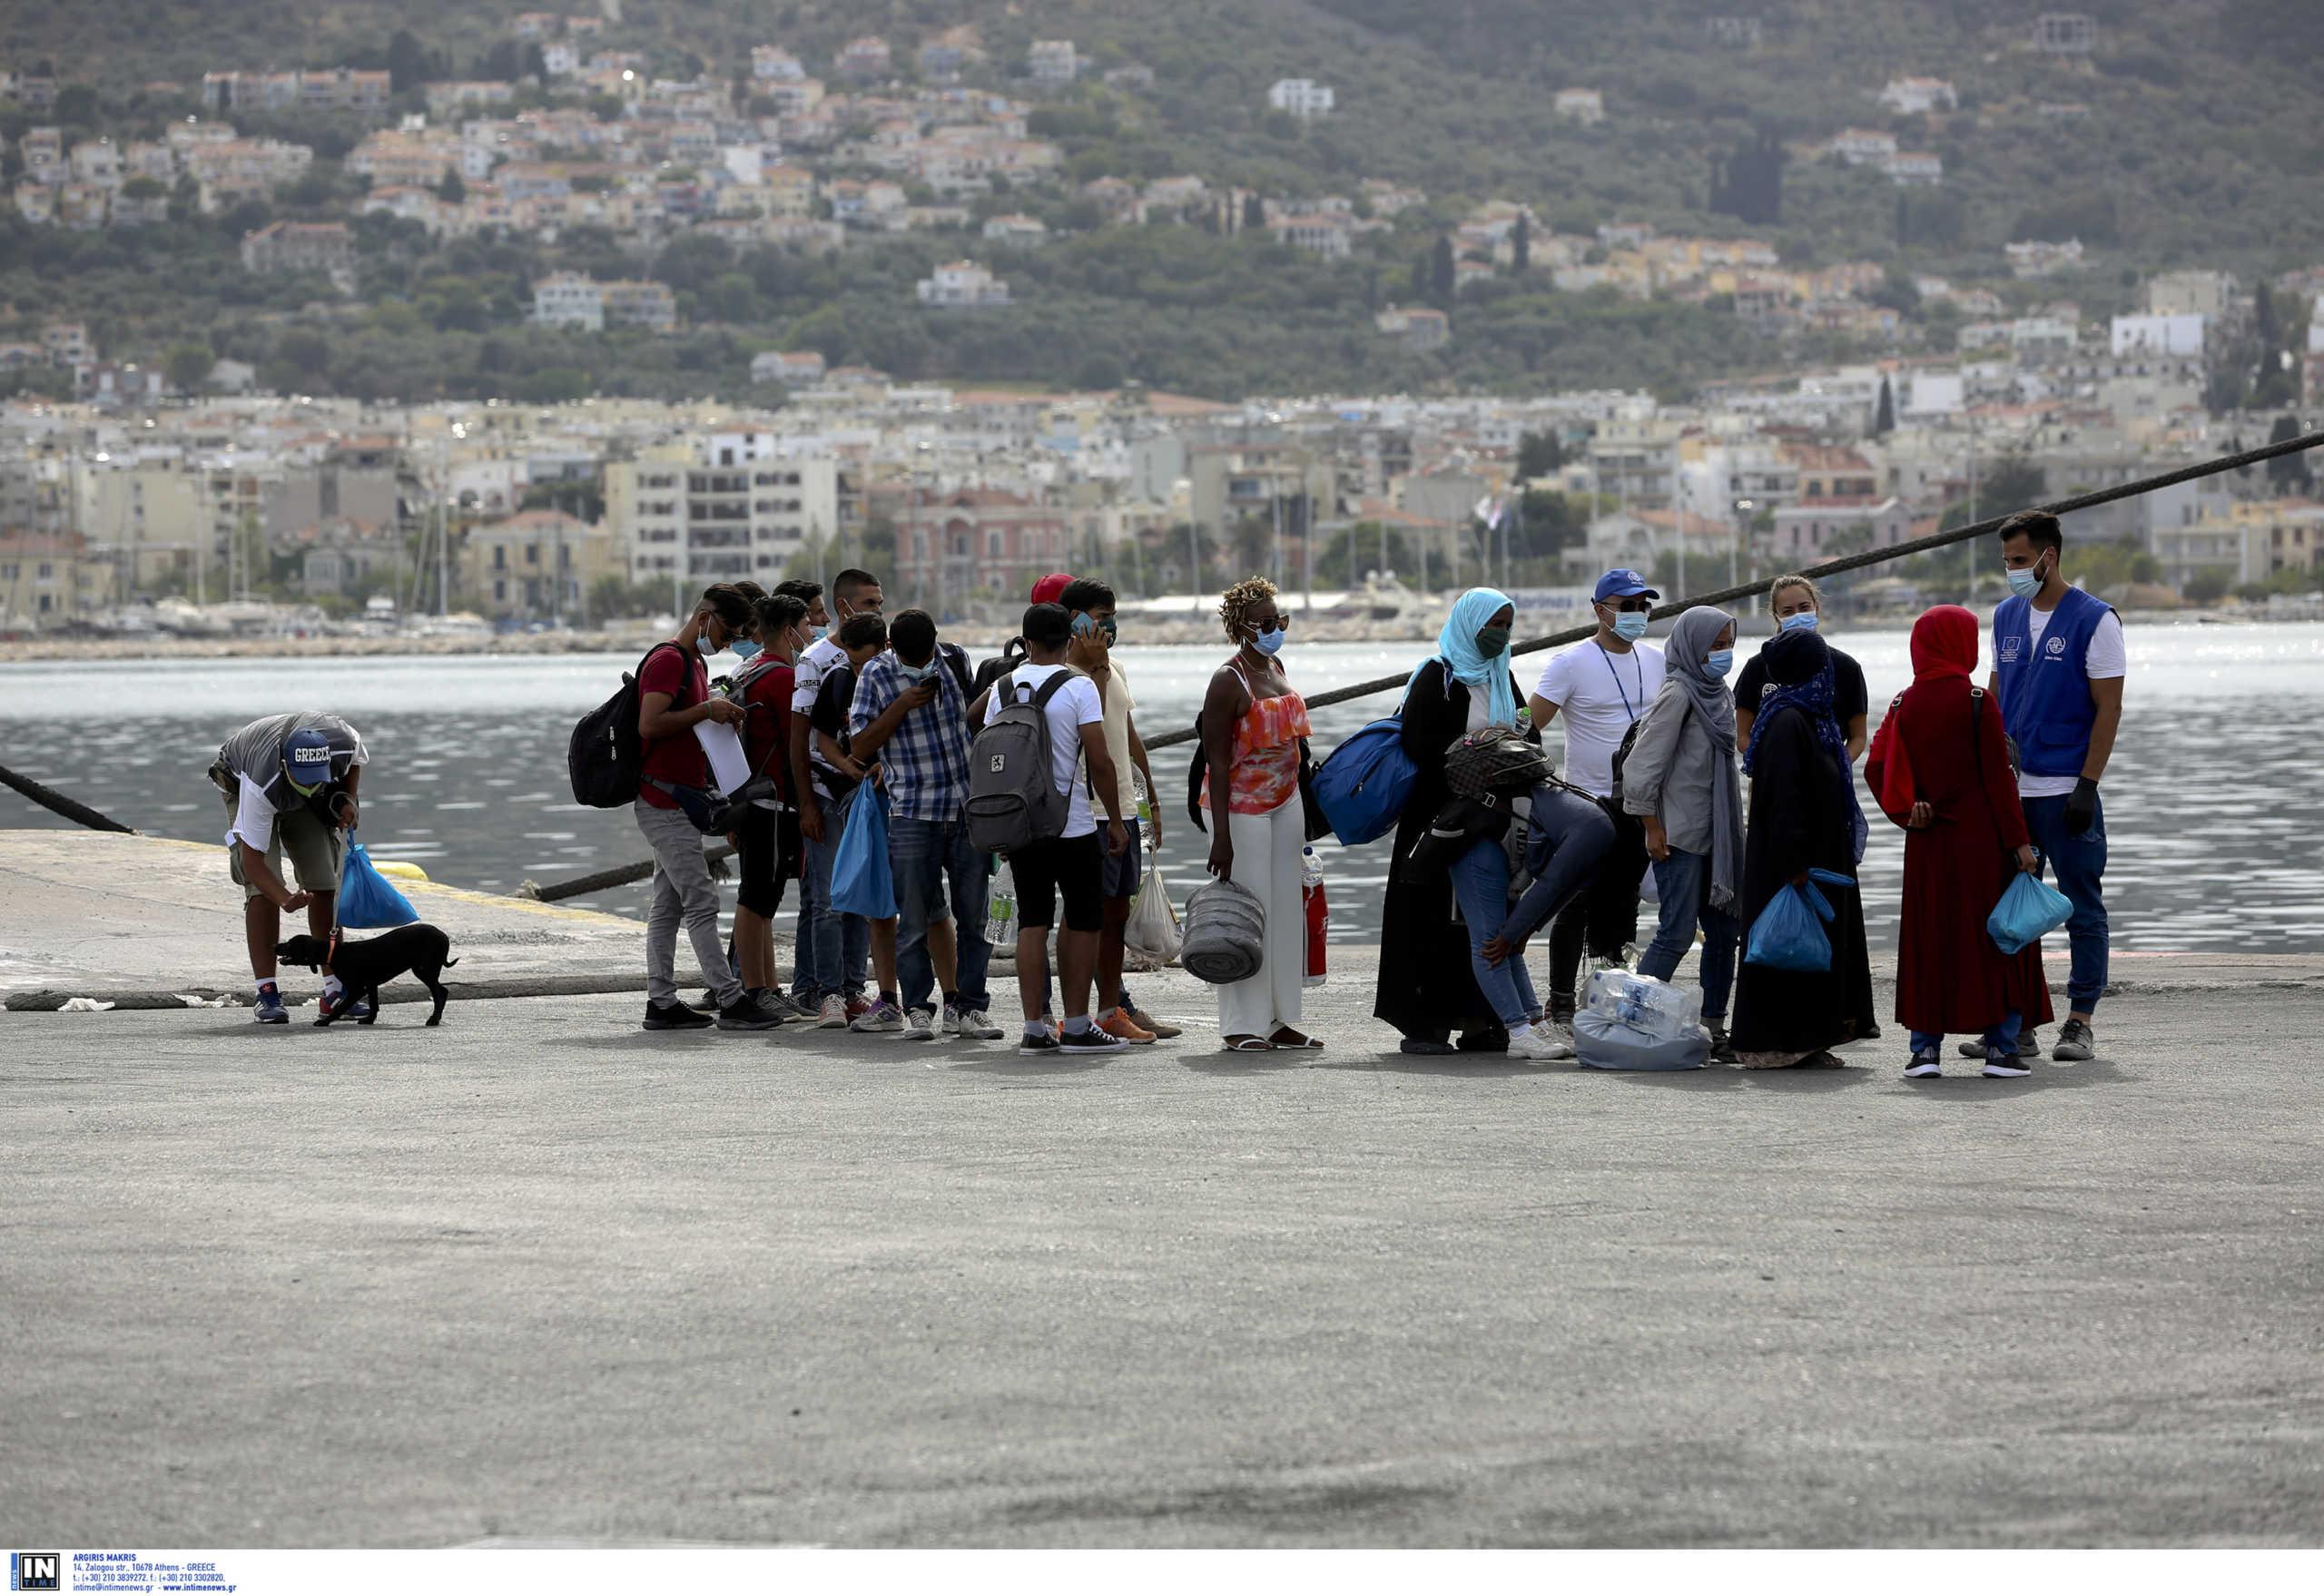 Λέσβος: 850 πρόσφυγες και μετανάστες αναχωρούν για δομές στην ενδοχώρα